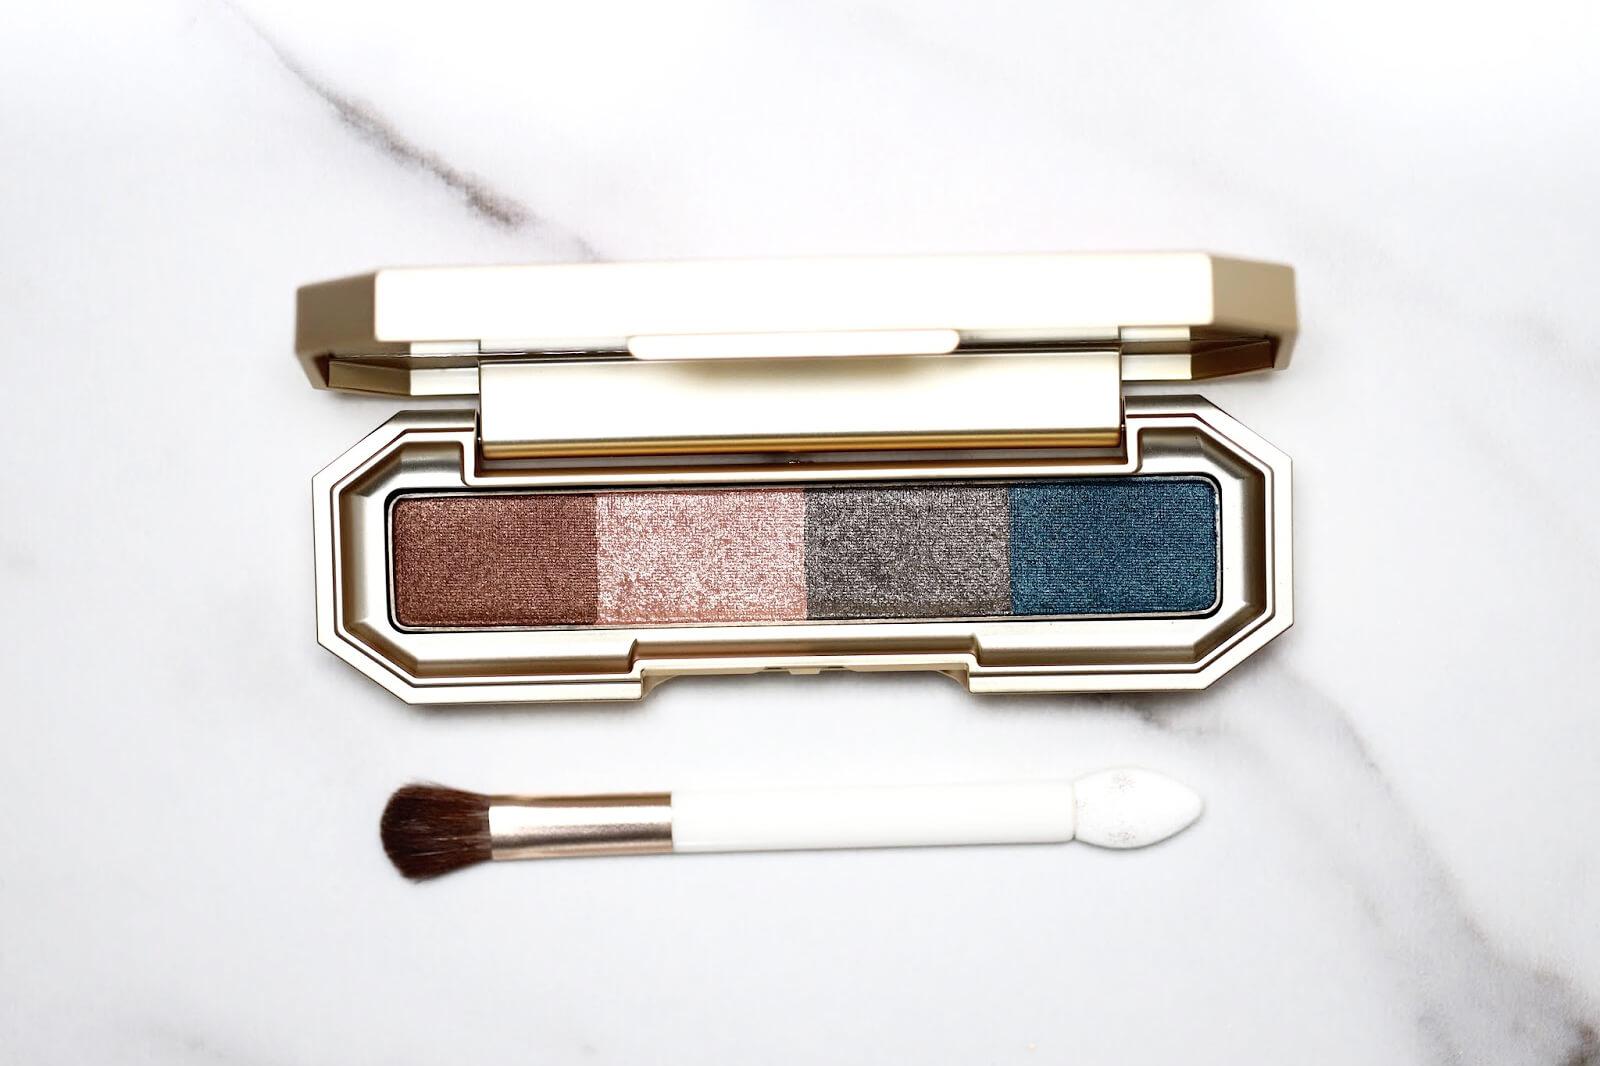 Laduree Les Merveilleuses Maquillage Palette Yeux Avis